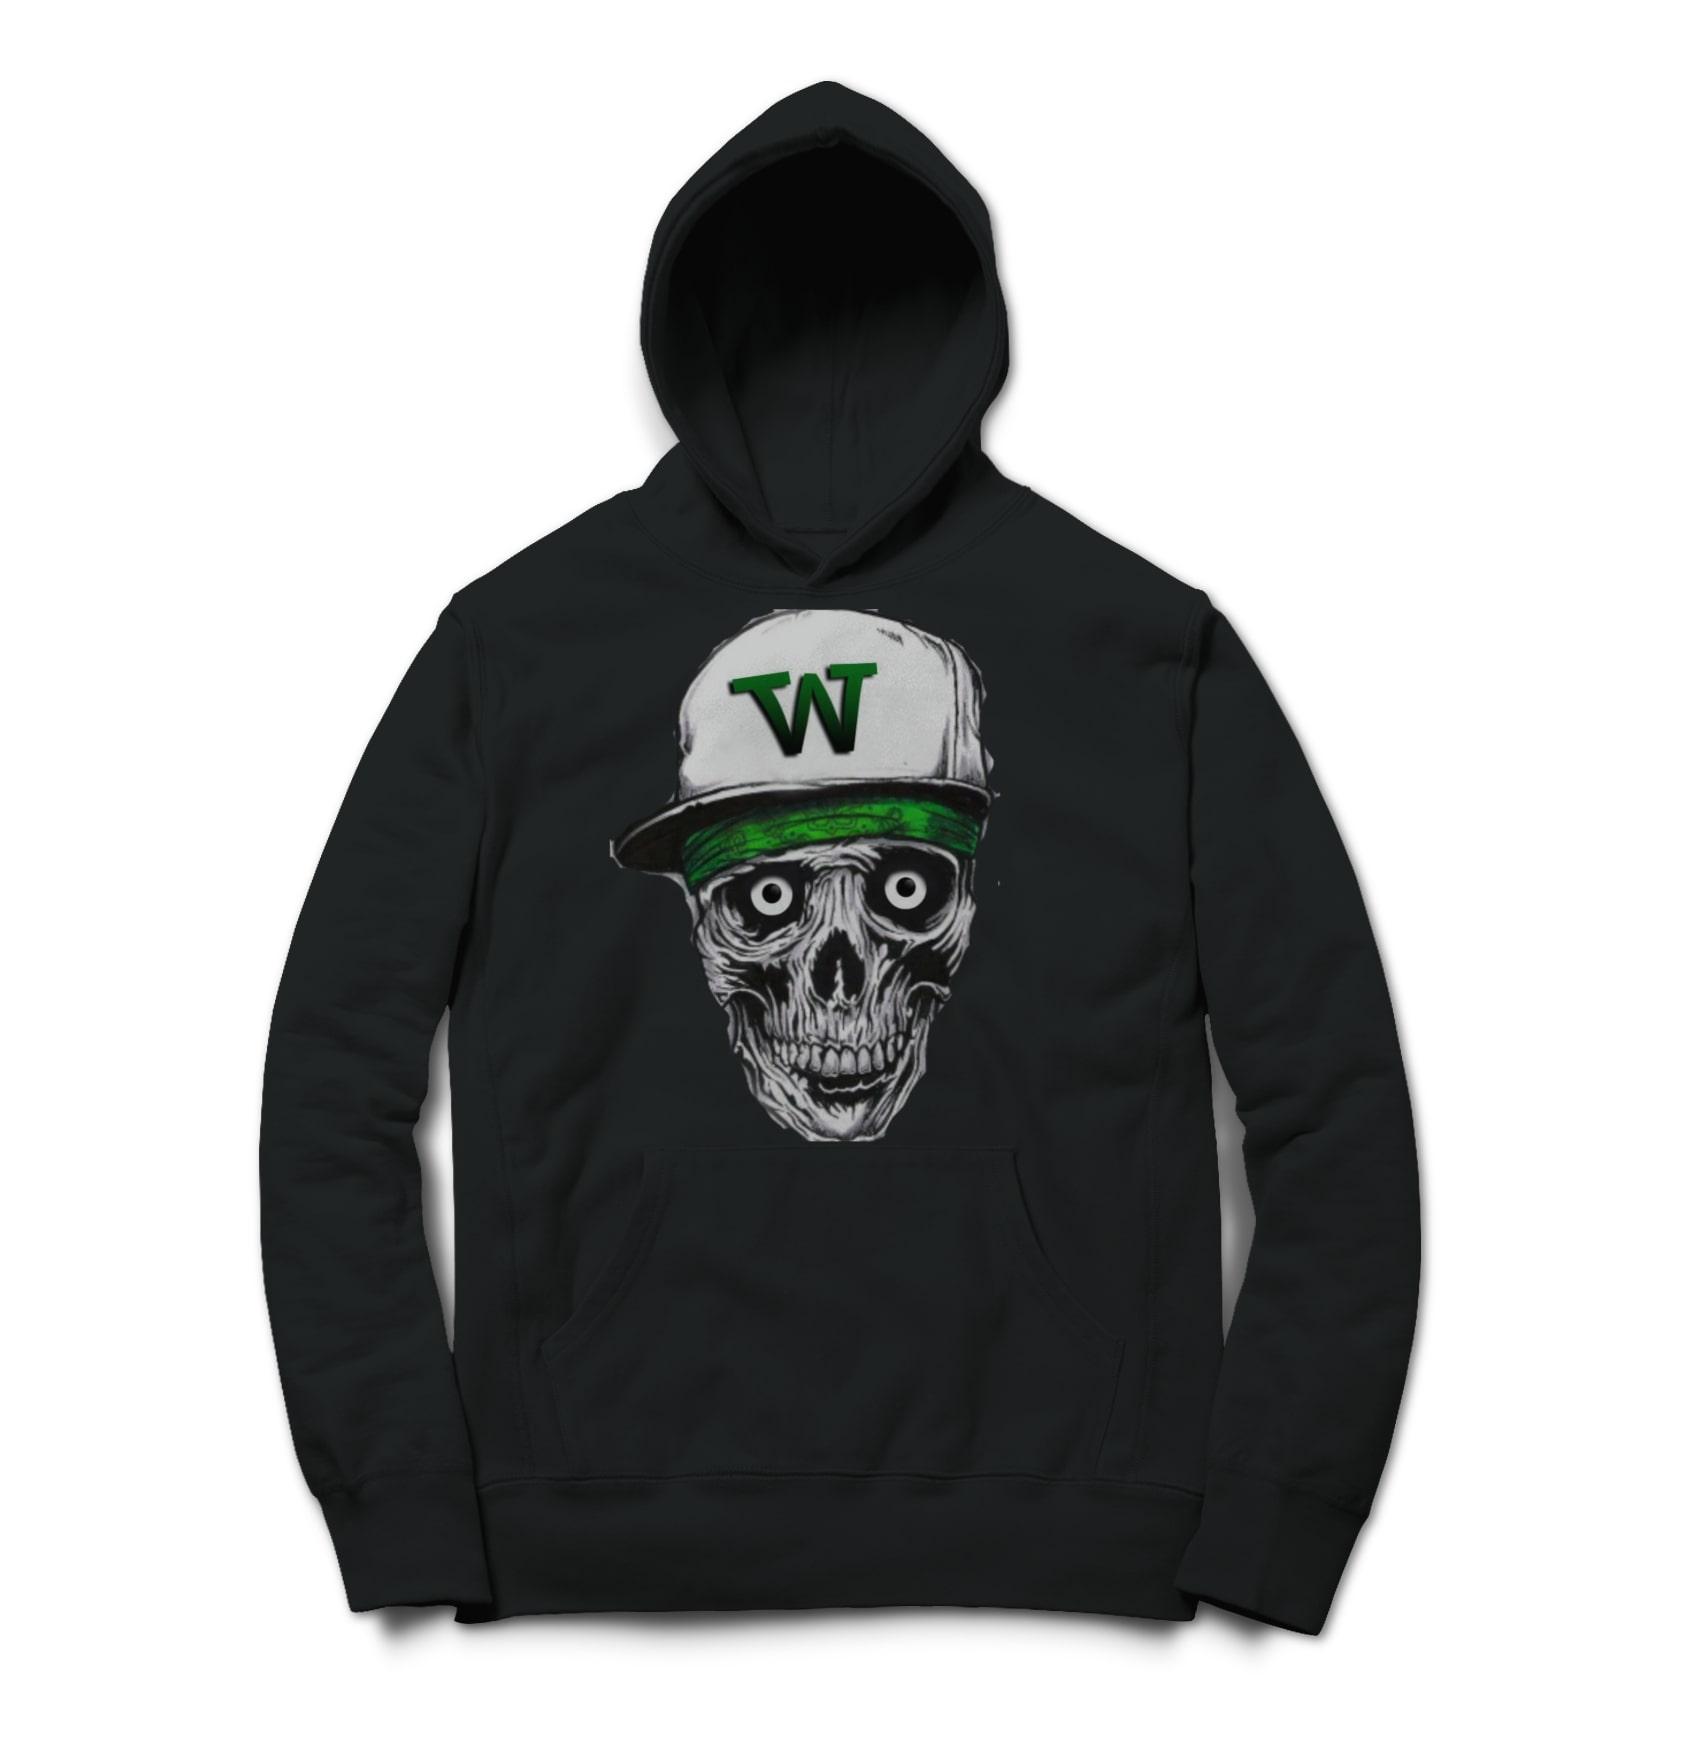 Warloxide warloxide 1520043397